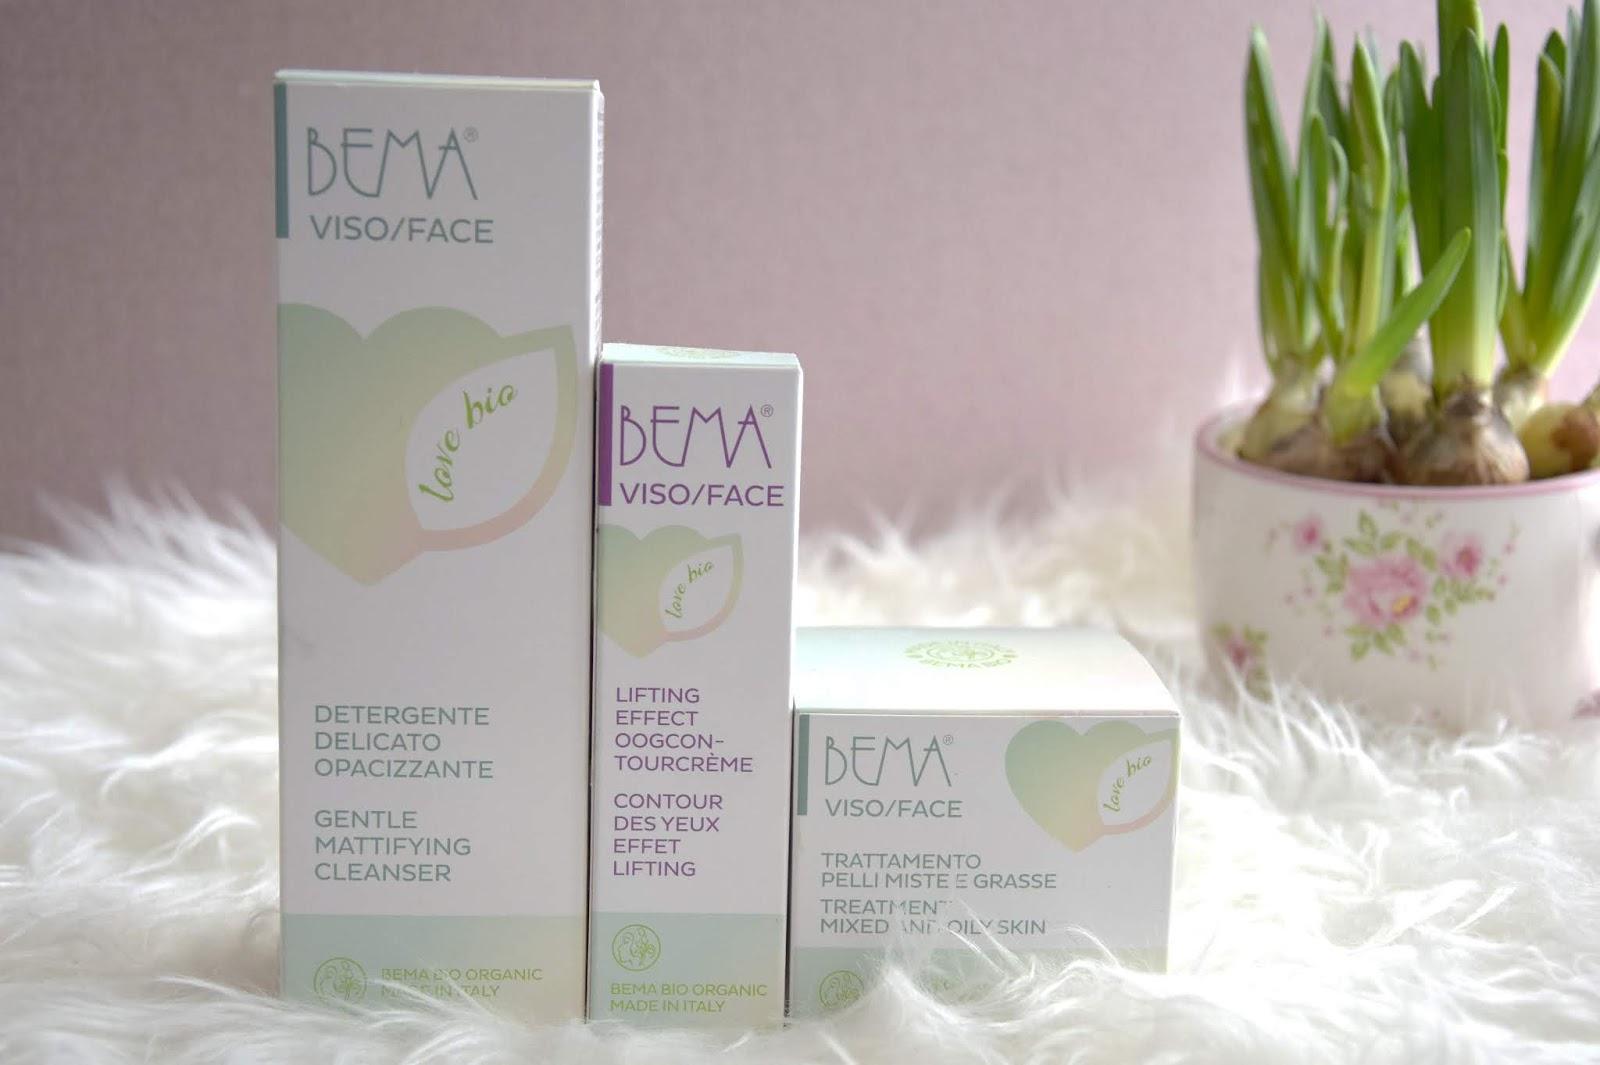 Pielęgnacja we włoskim stylu - recenzja kosmetyków BEMA.